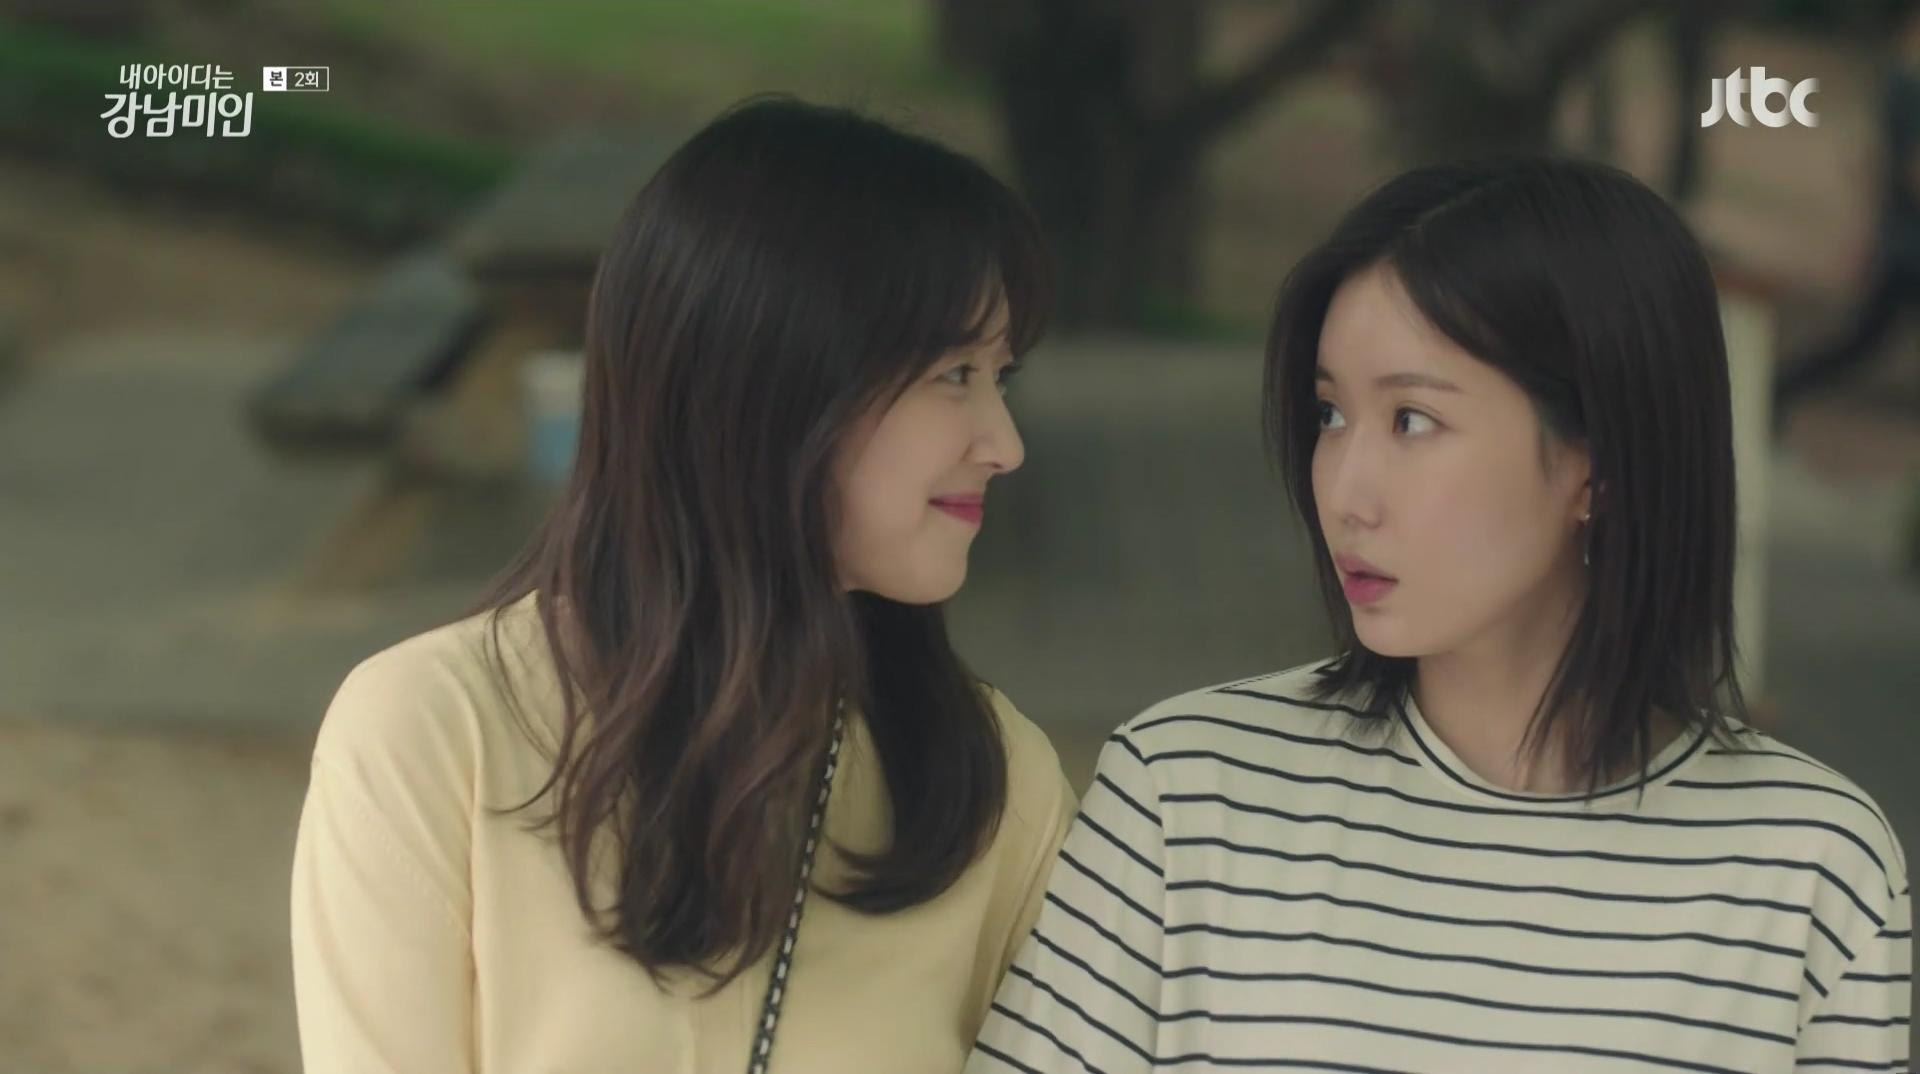 趙宇麗飾演的玄秀兒是個天然美人,人前裝友善,人後不停陷害別人,在男生面前又耍盡心機,是女觀眾看到「眼火爆」的公敵!